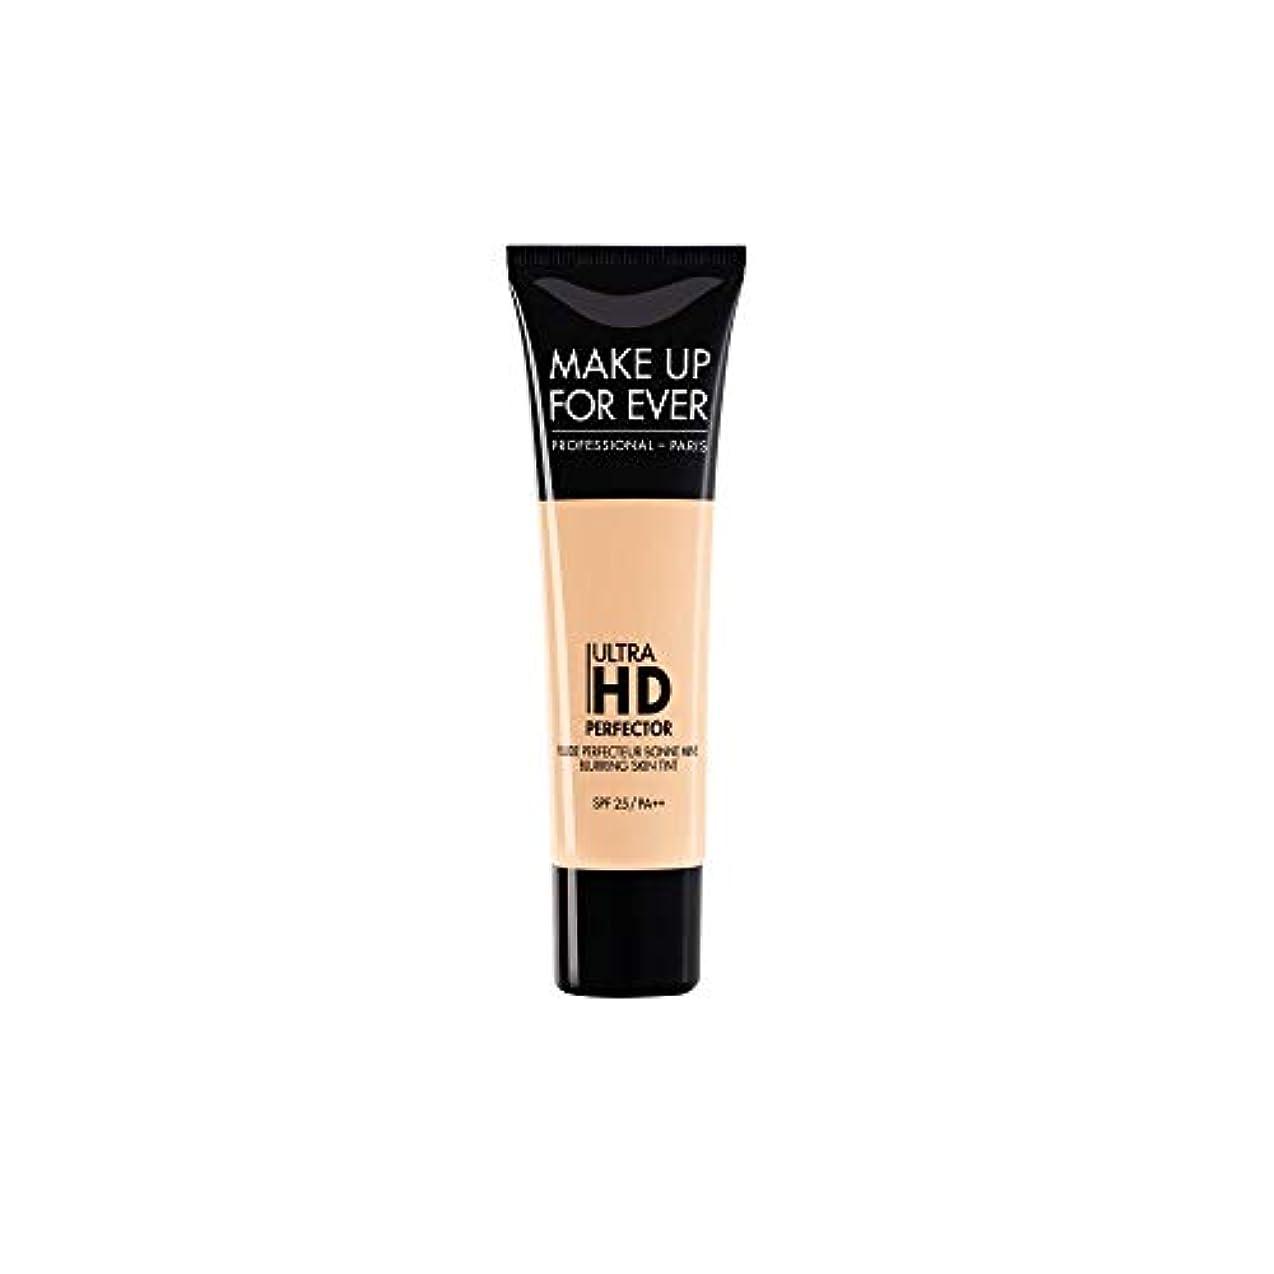 僕のけん引与えるメイクアップフォーエバー Ultra HD Perfector Blurring Skin Tint SPF25 - # 02 Pink Sand 30ml/1.01oz並行輸入品